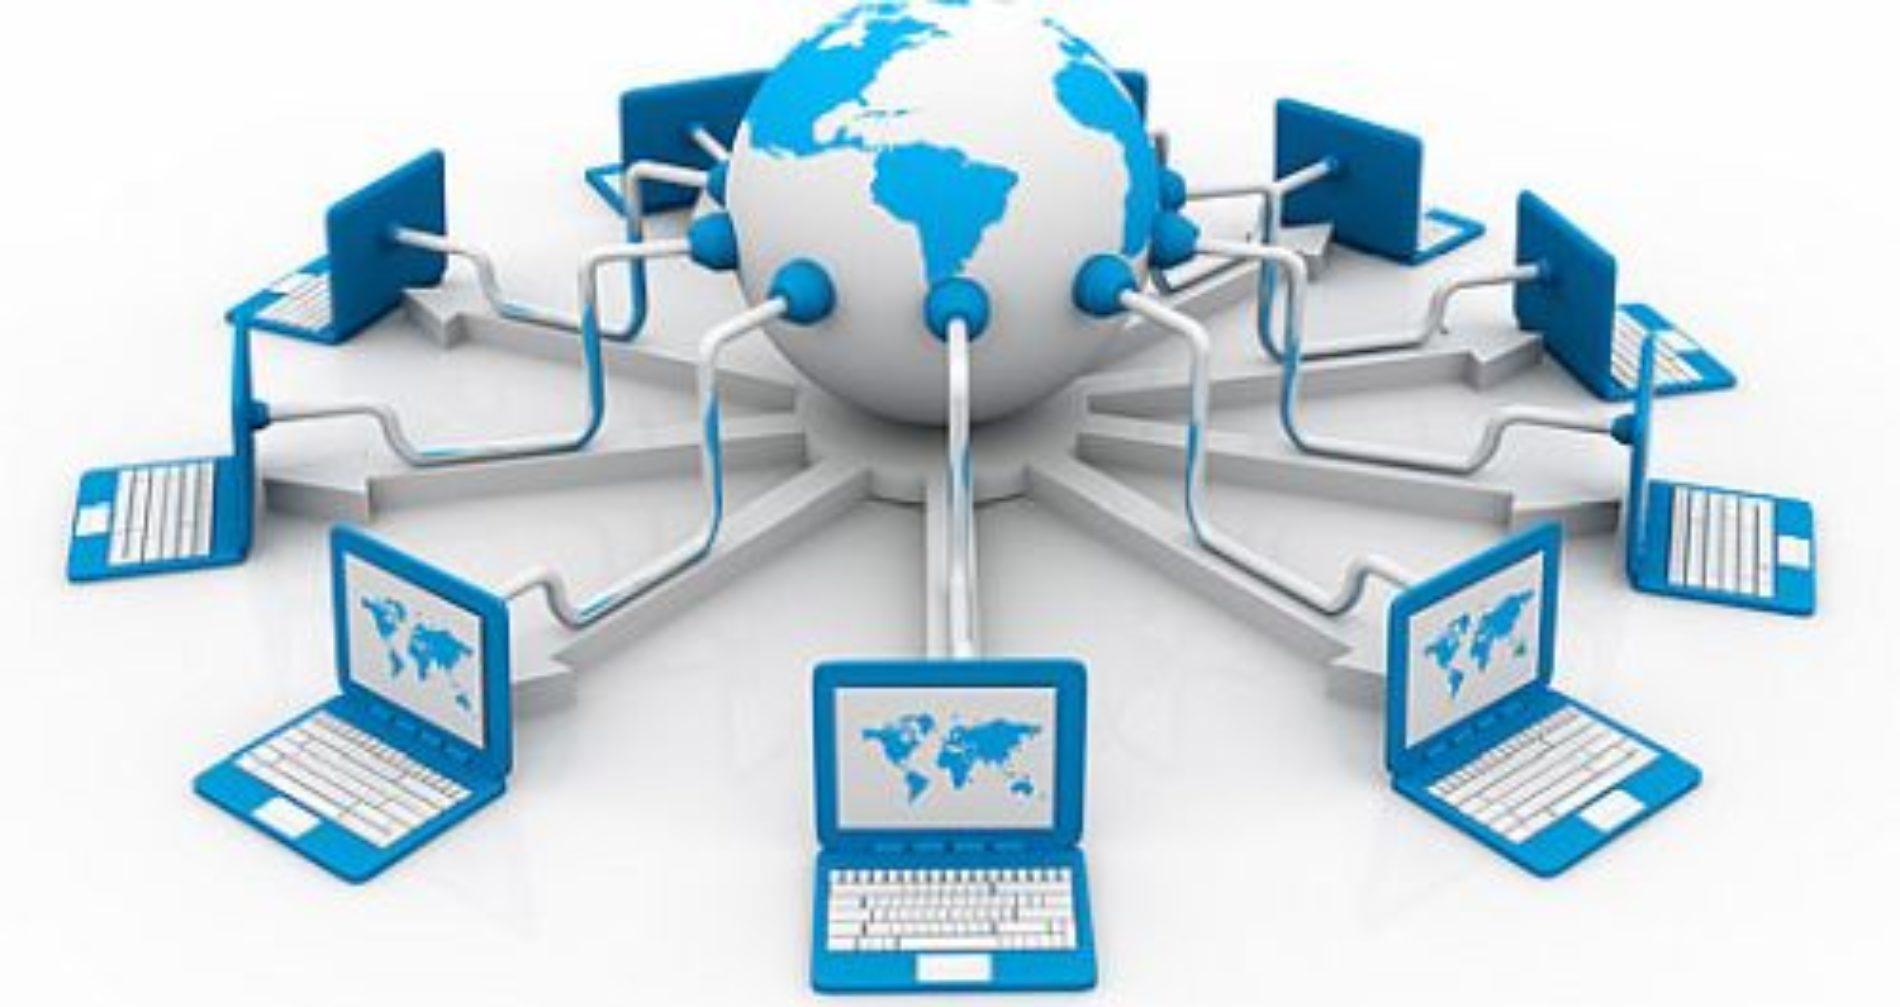 Servicio DNS 1.1.1.1 que acelera tu internet y valora tu privacidad